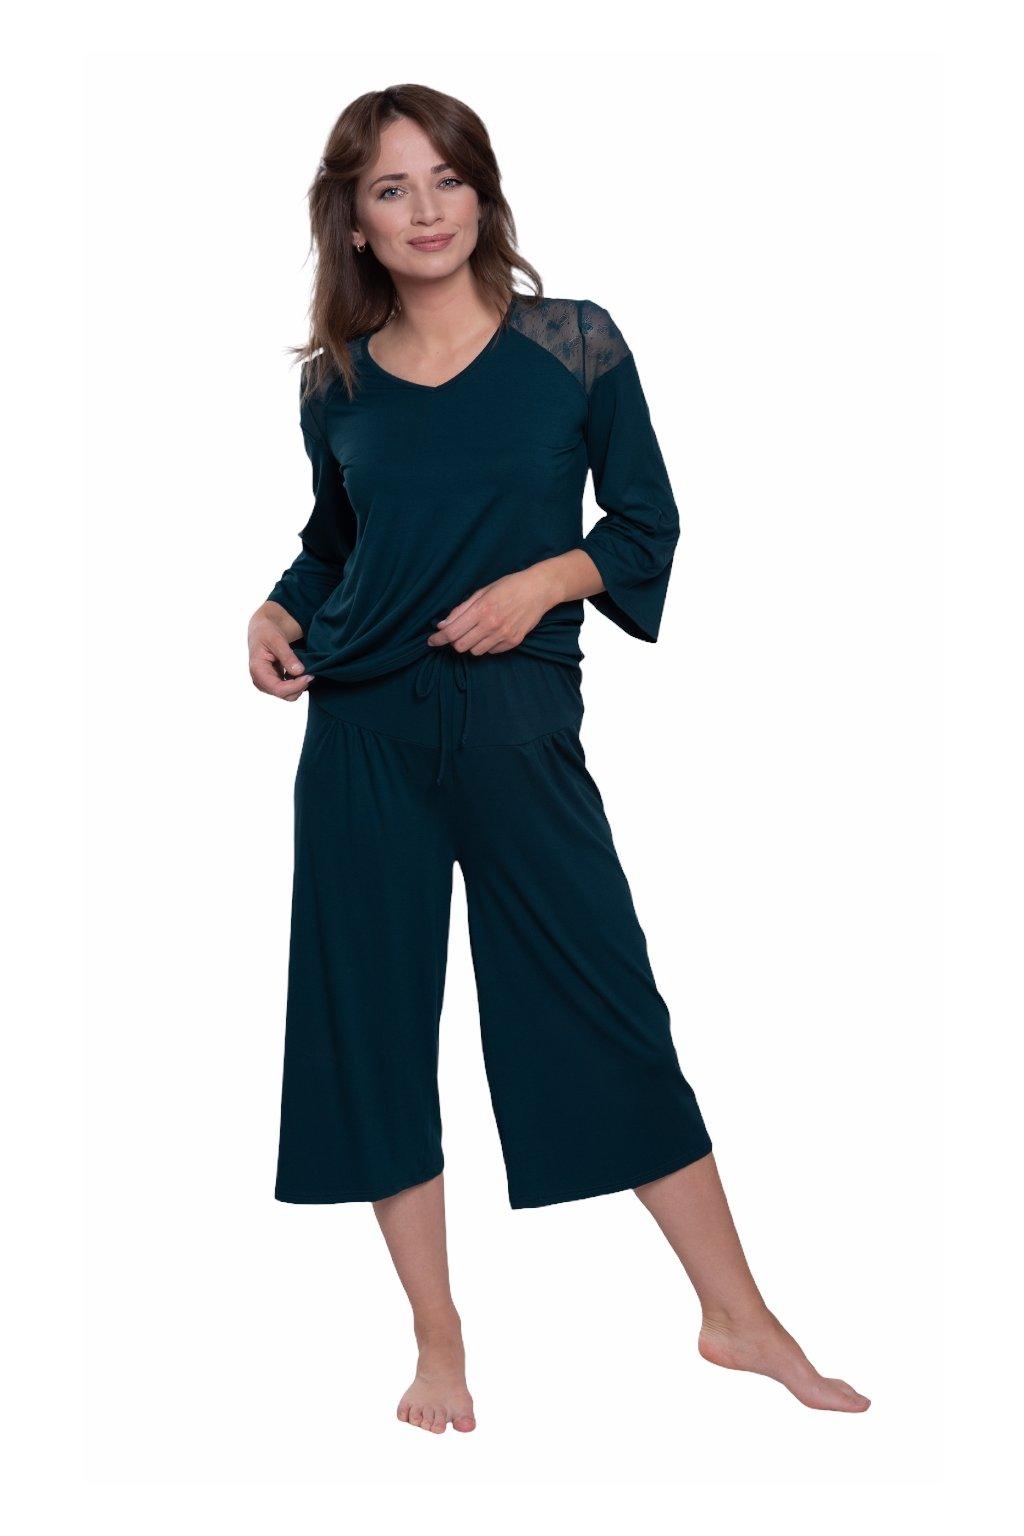 Dámské pyžamo s 3/4 rukávem, 104581 205, zelená